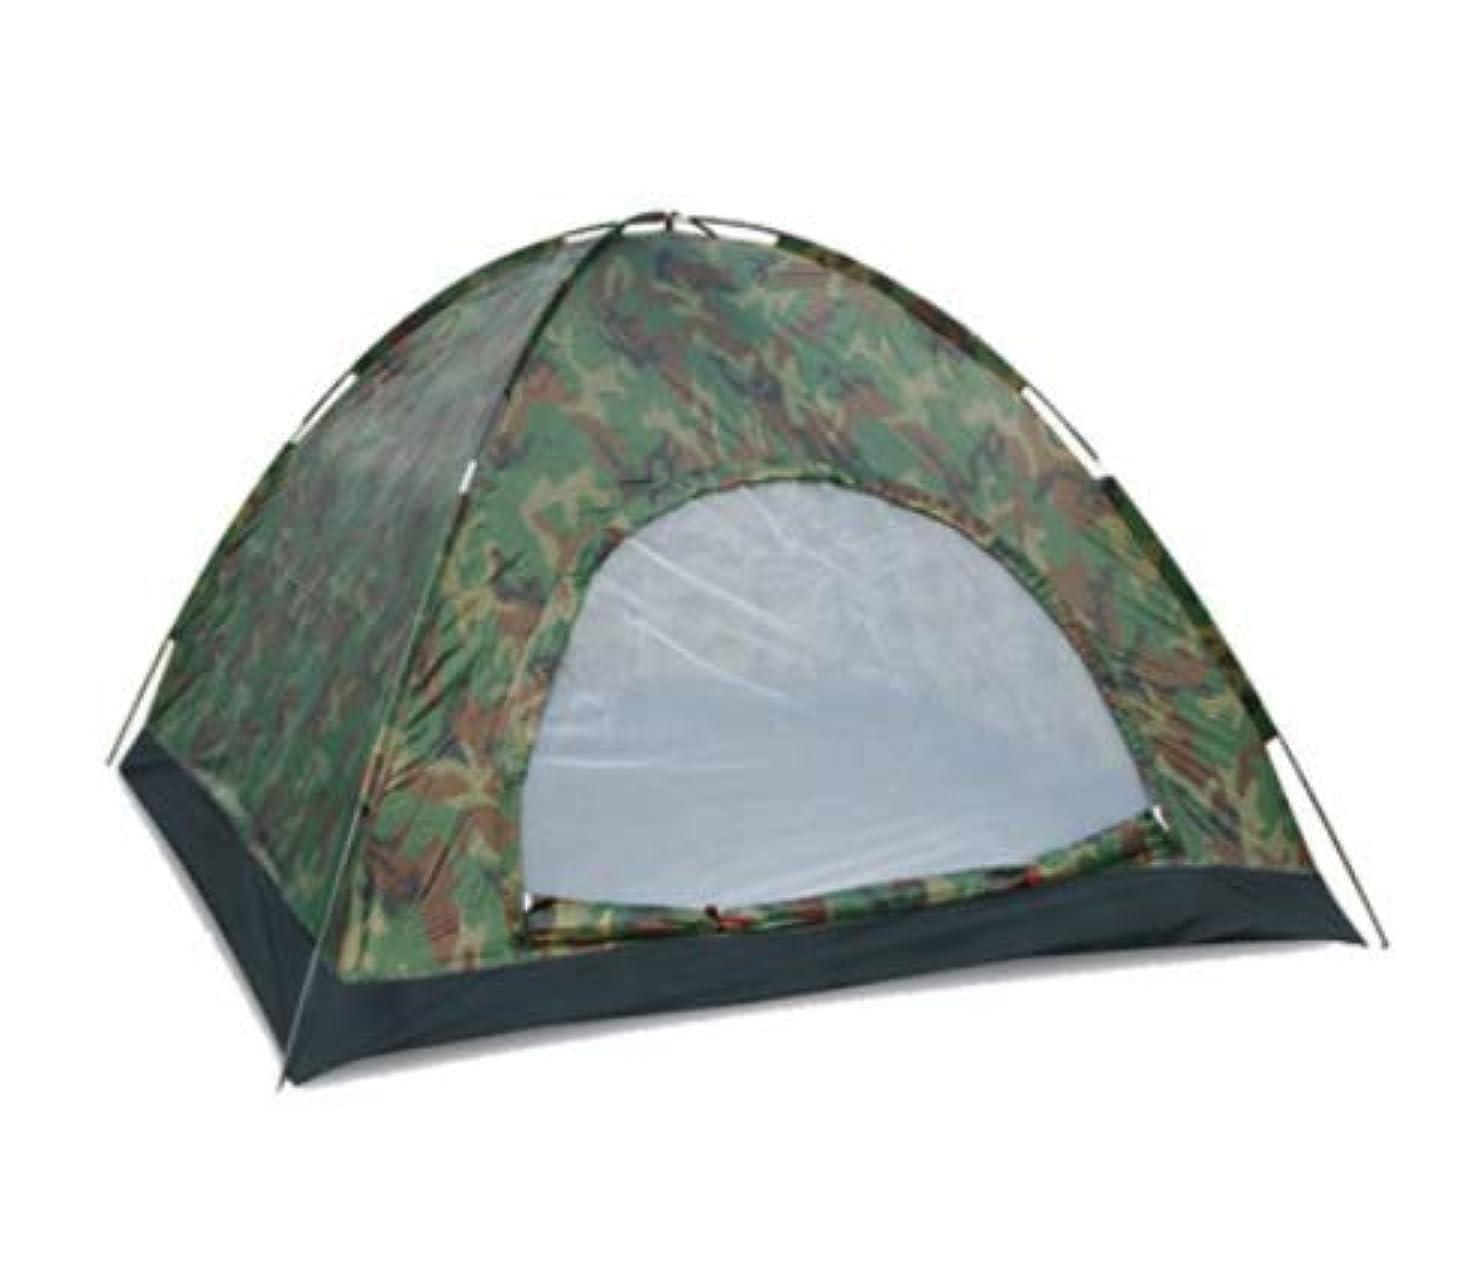 ヘッジ初期の顕著Feelyer 迷彩アウトドアキャンプテント3-4人防水PU1500ミリメートル風と紫外線保護200 * 200 * 135センチメートル安定構造換気 顧客に愛されて